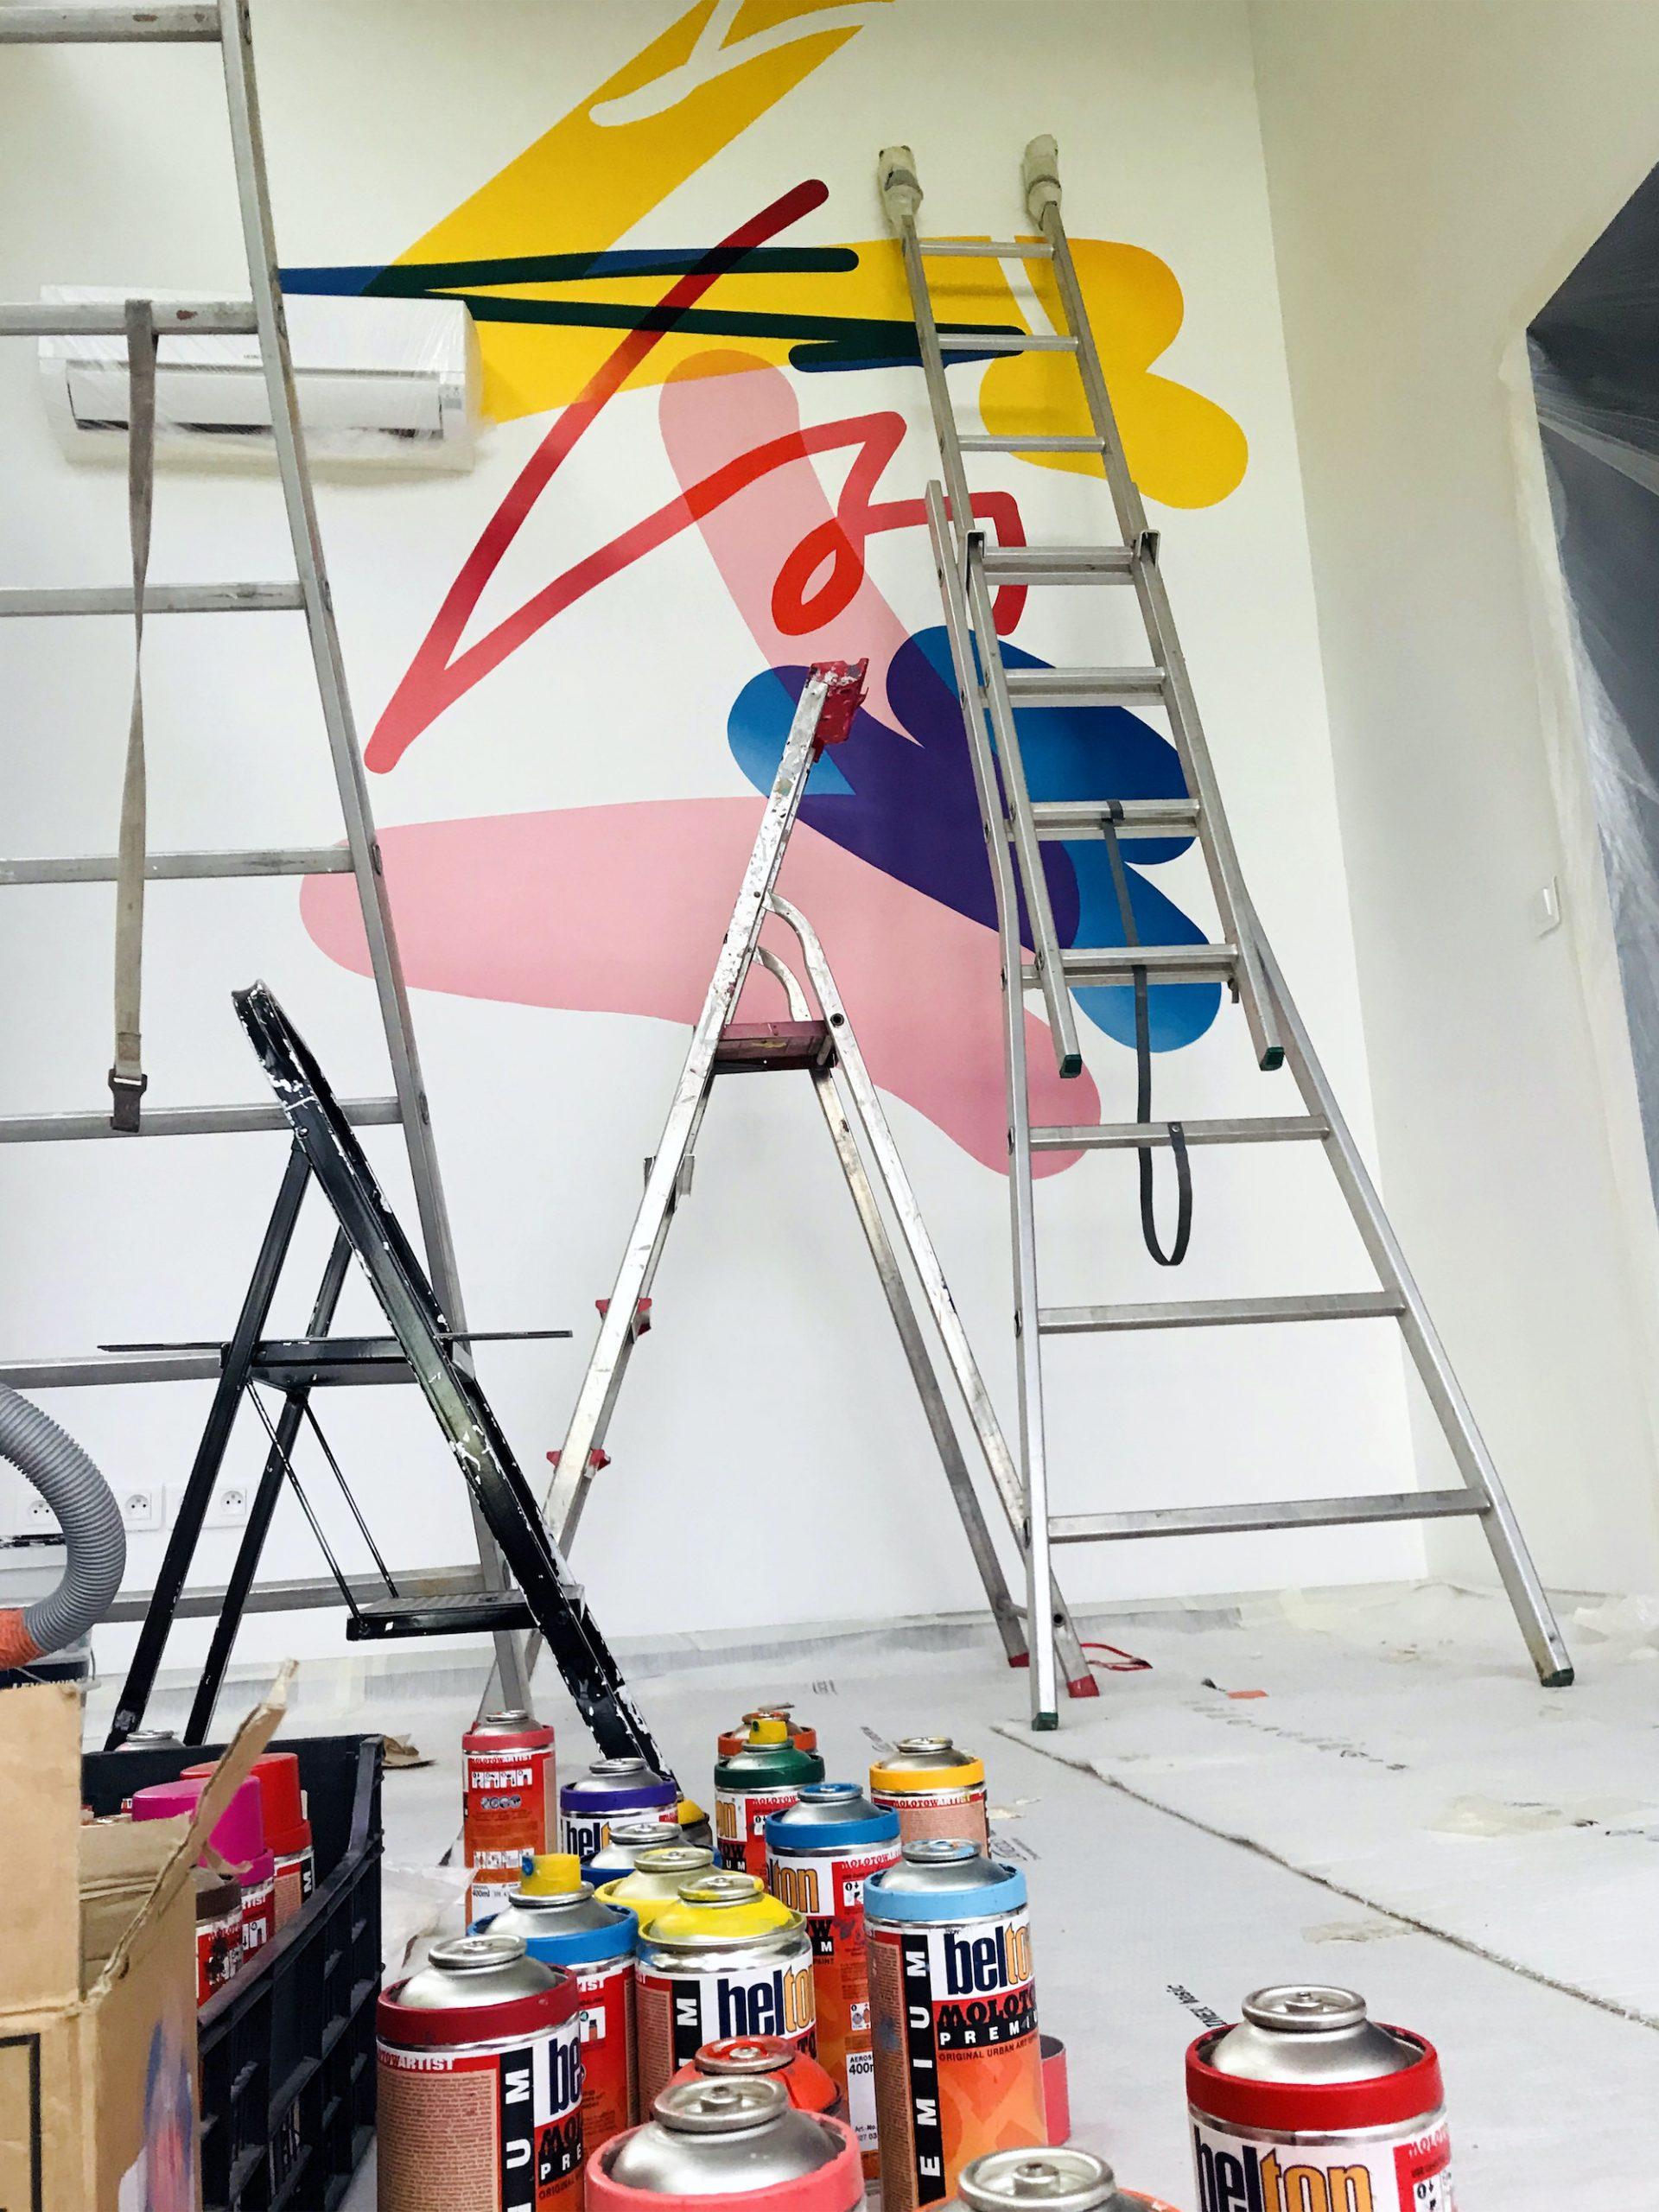 decoration interieur fresque contemporaine design graphique moderne